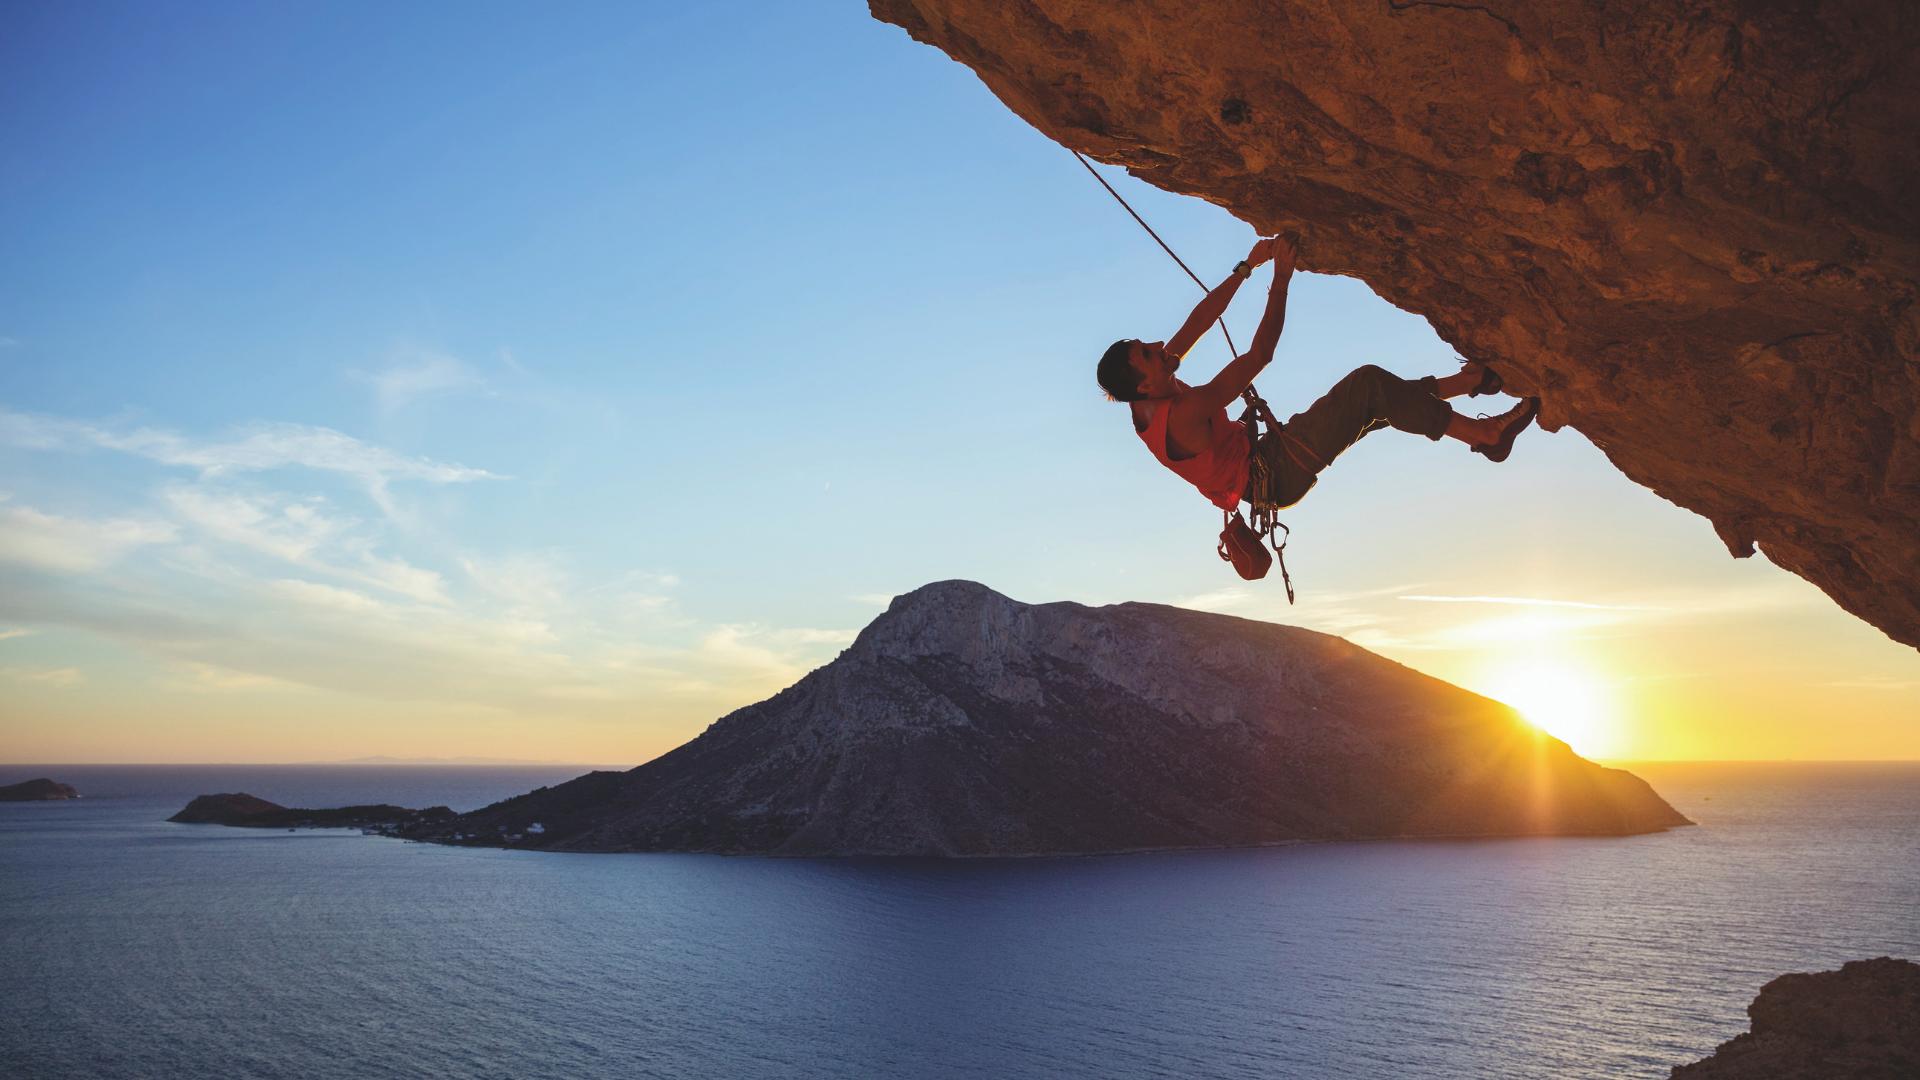 Climber under rock